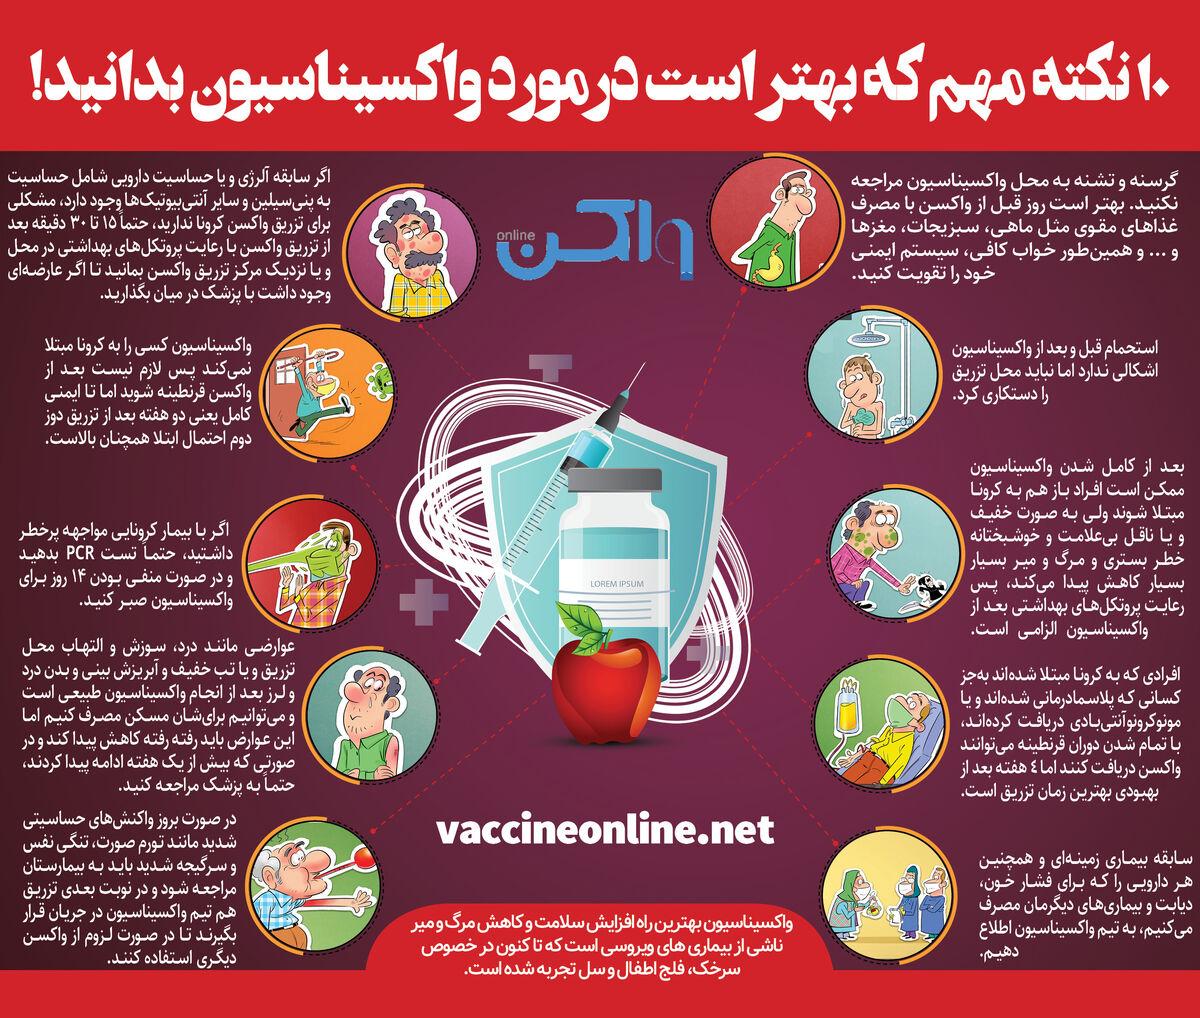 ۱۰ نکته مهم که بهتر است درمورد واکسیناسیون بدانید!